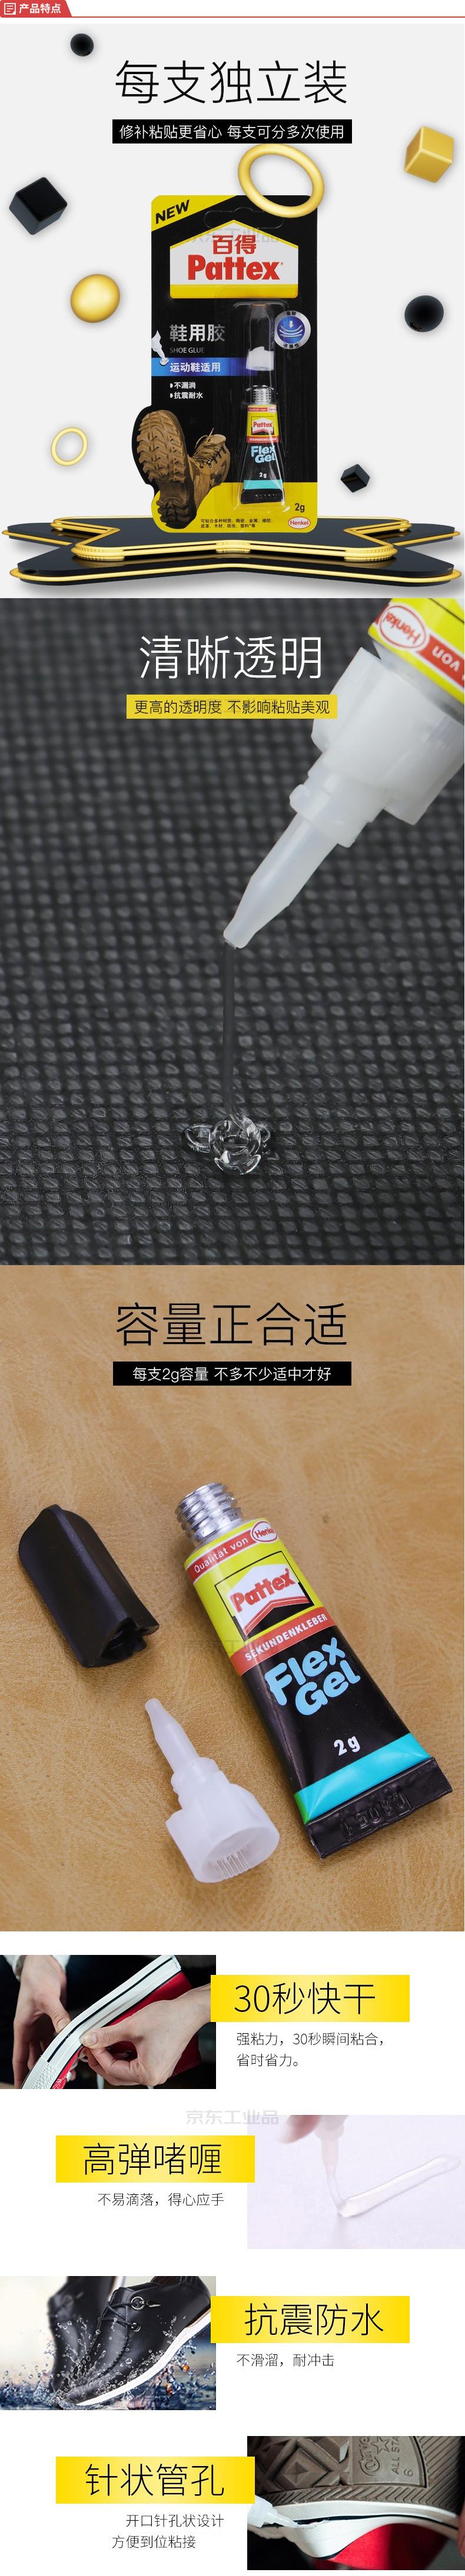 汉高 百得(Pattex)超能胶高弹啫喱型 2g;PSG2